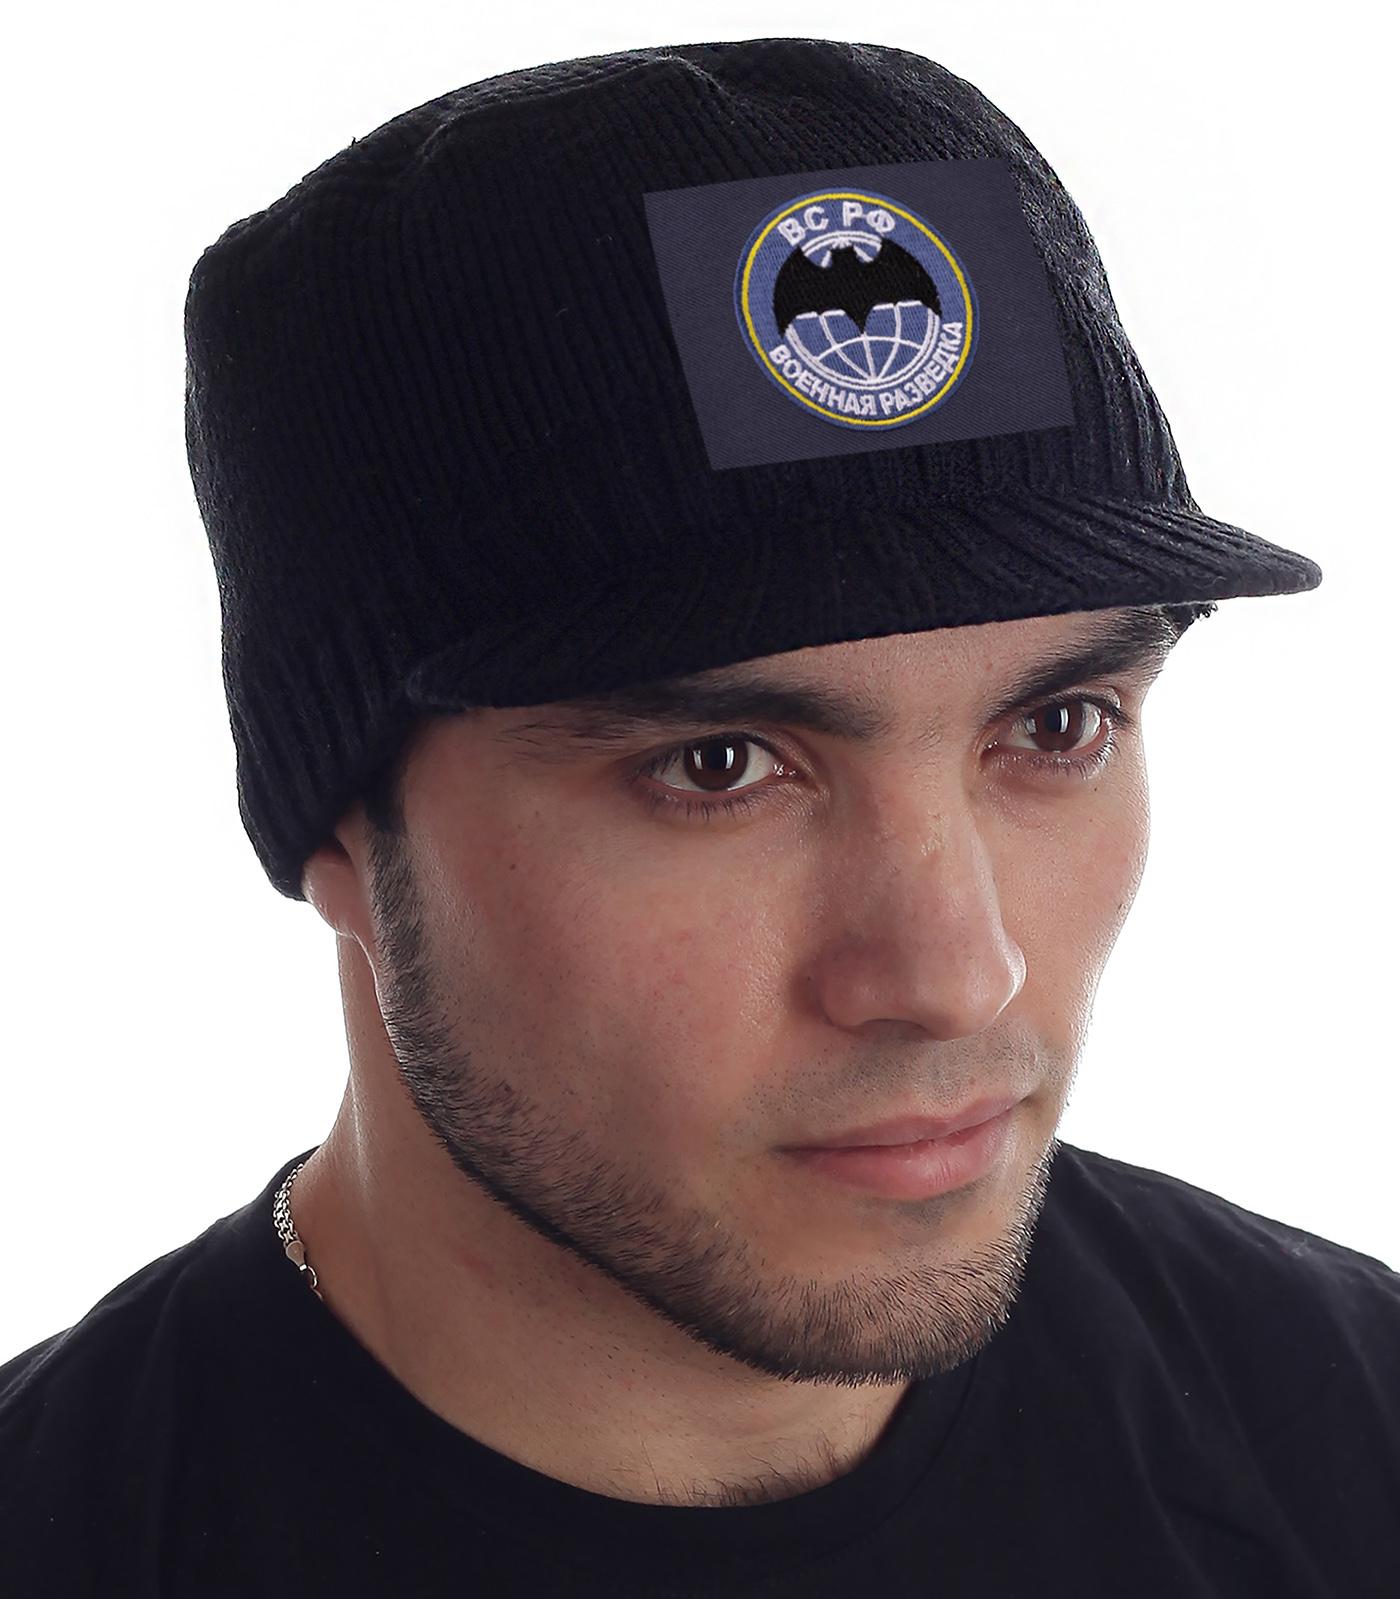 Мужские шапки «Военная разведка» по супер цене